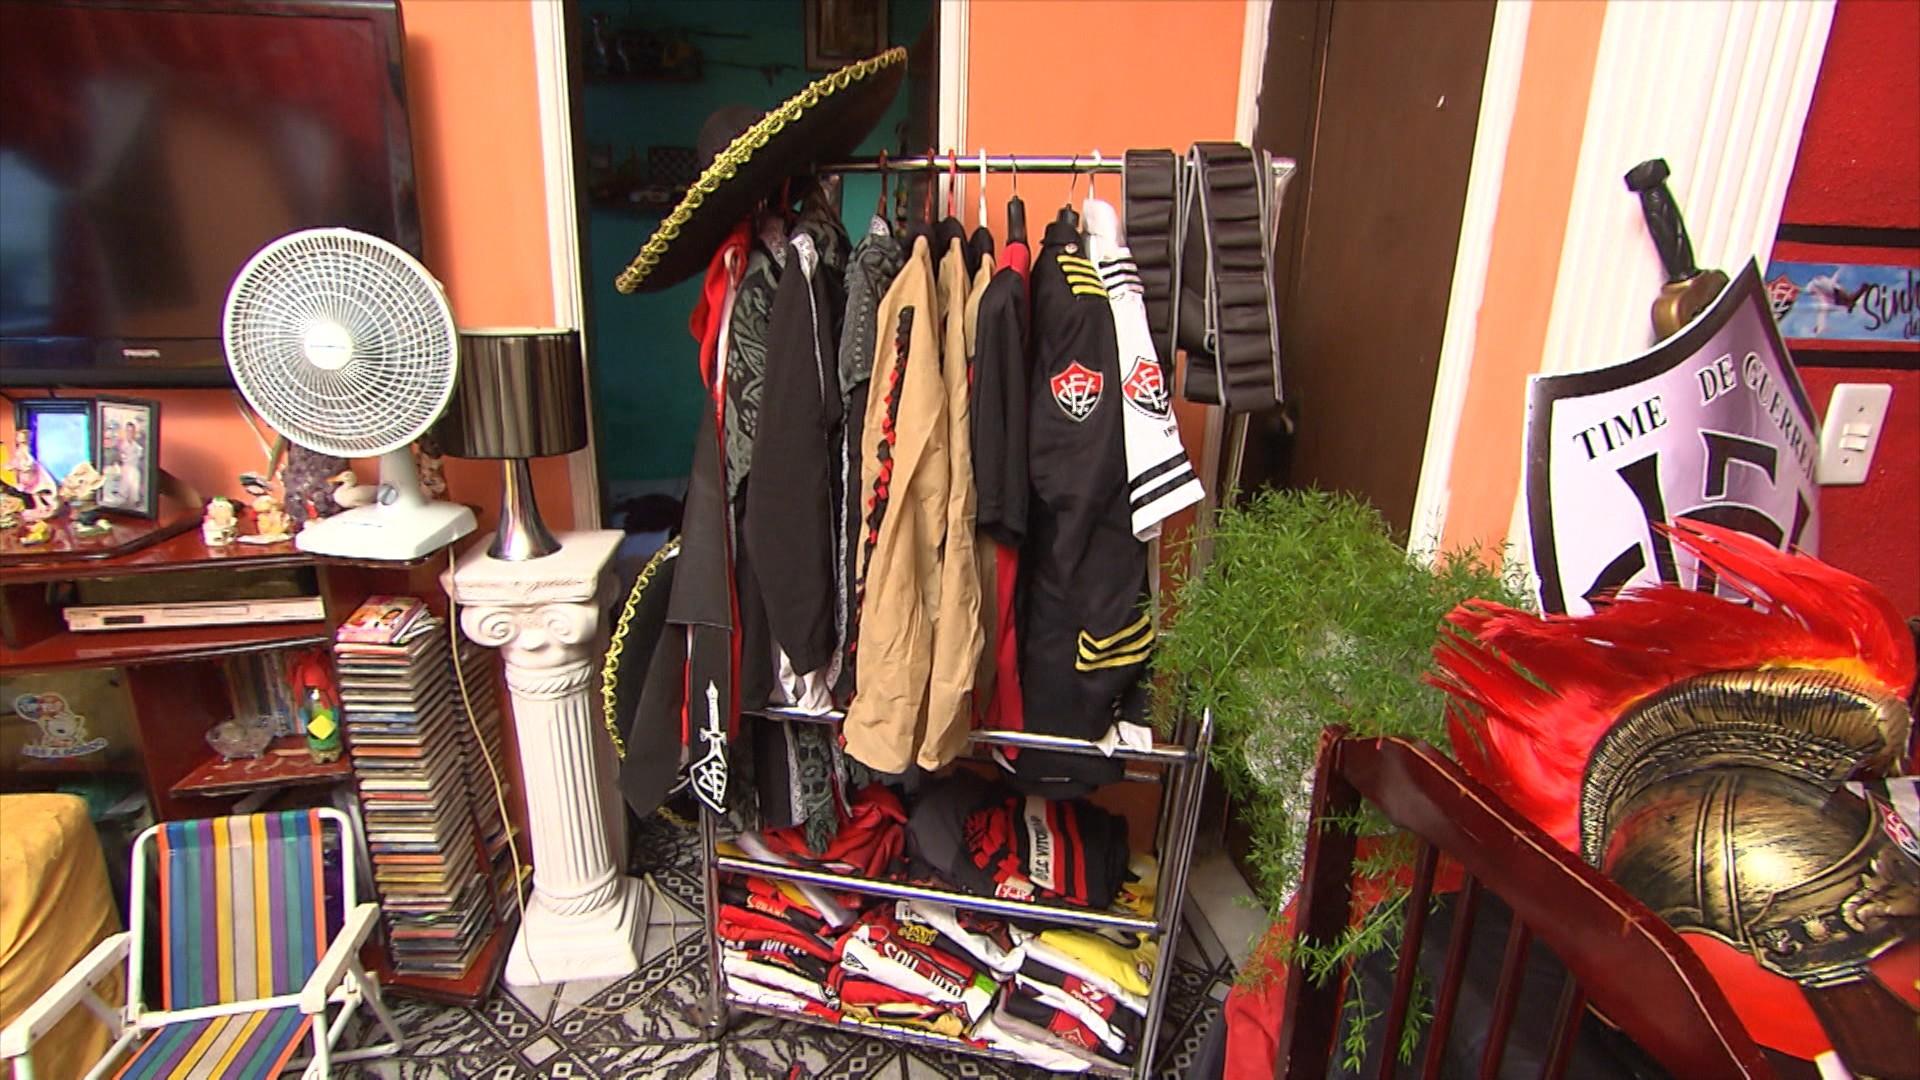 A casa do torcedor é cheia de itens do rubro-negro (Foto: Divulgação)